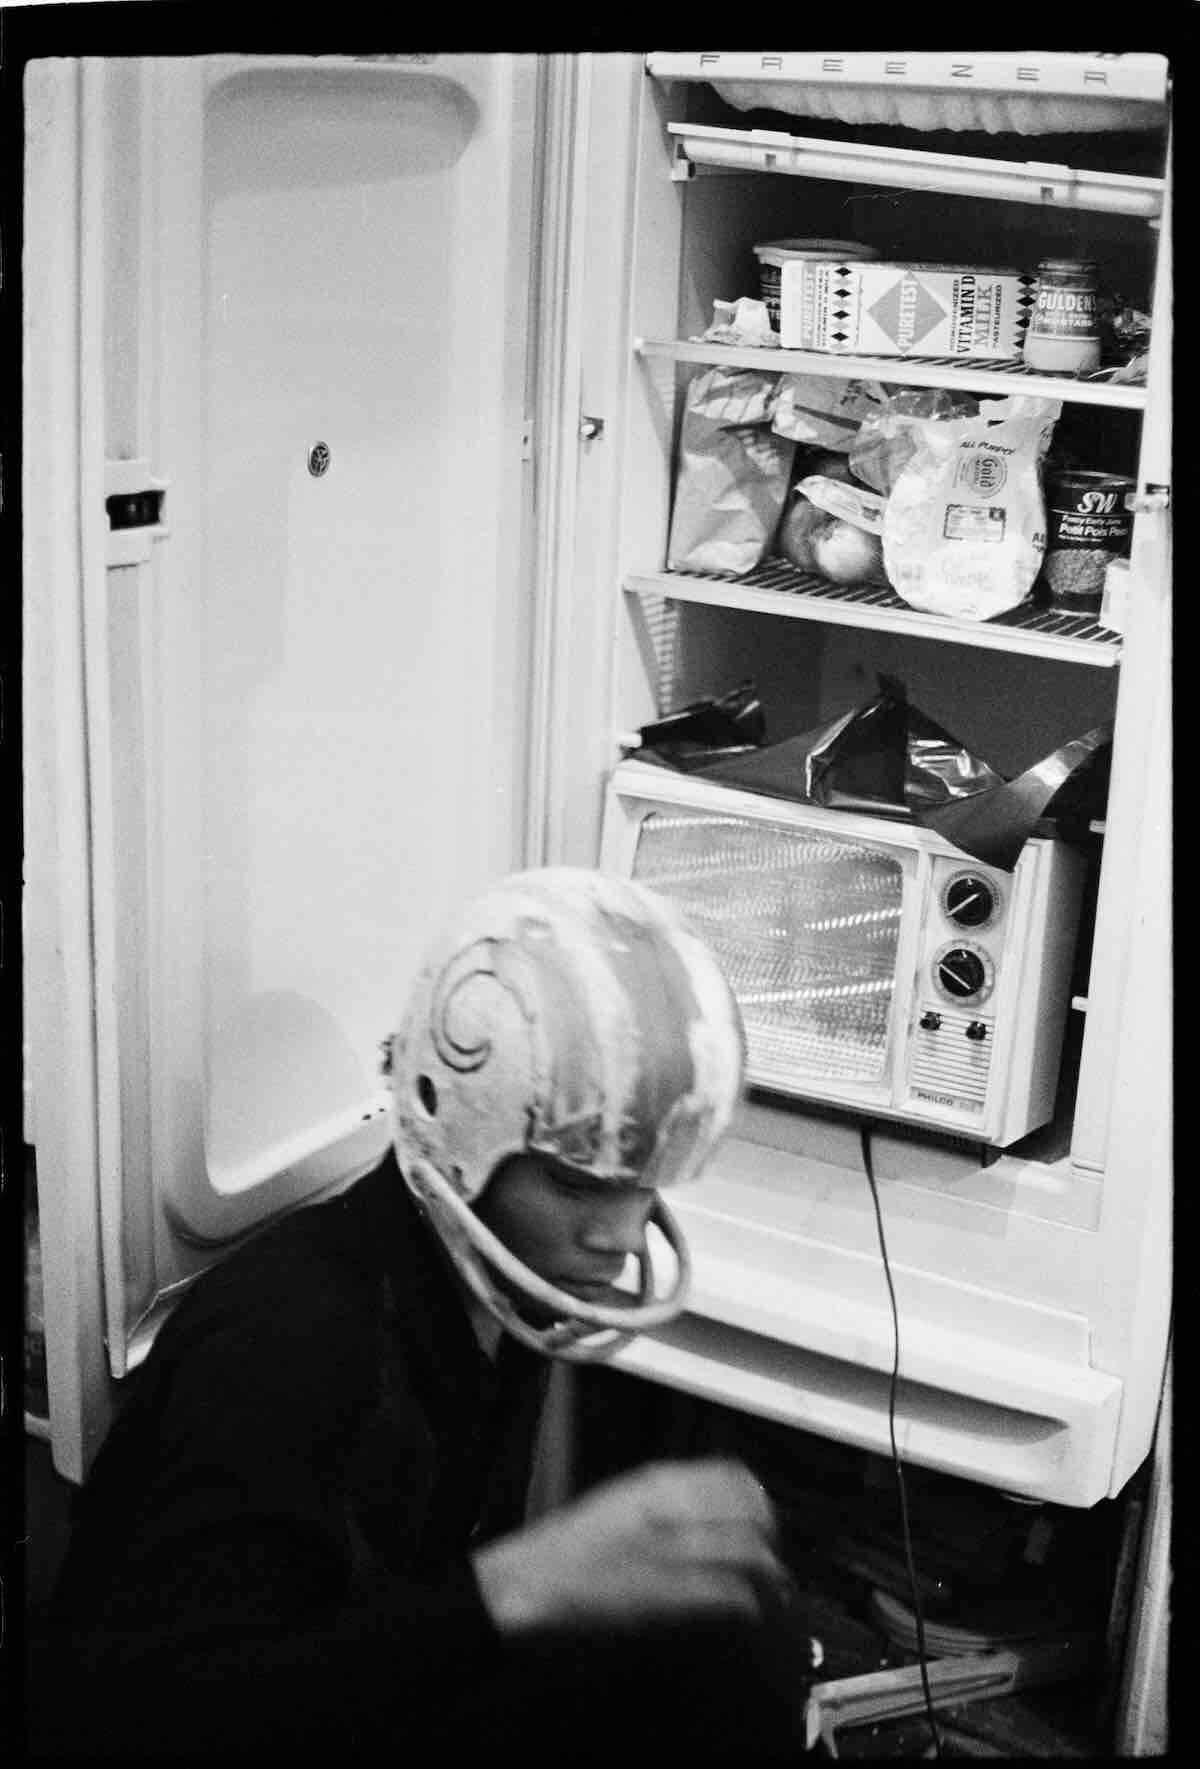 バスキアの新作ドキュメンタリー「バスキア、10代最後のとき」が12月に公開 film180823-basquiat-4-1200x1769